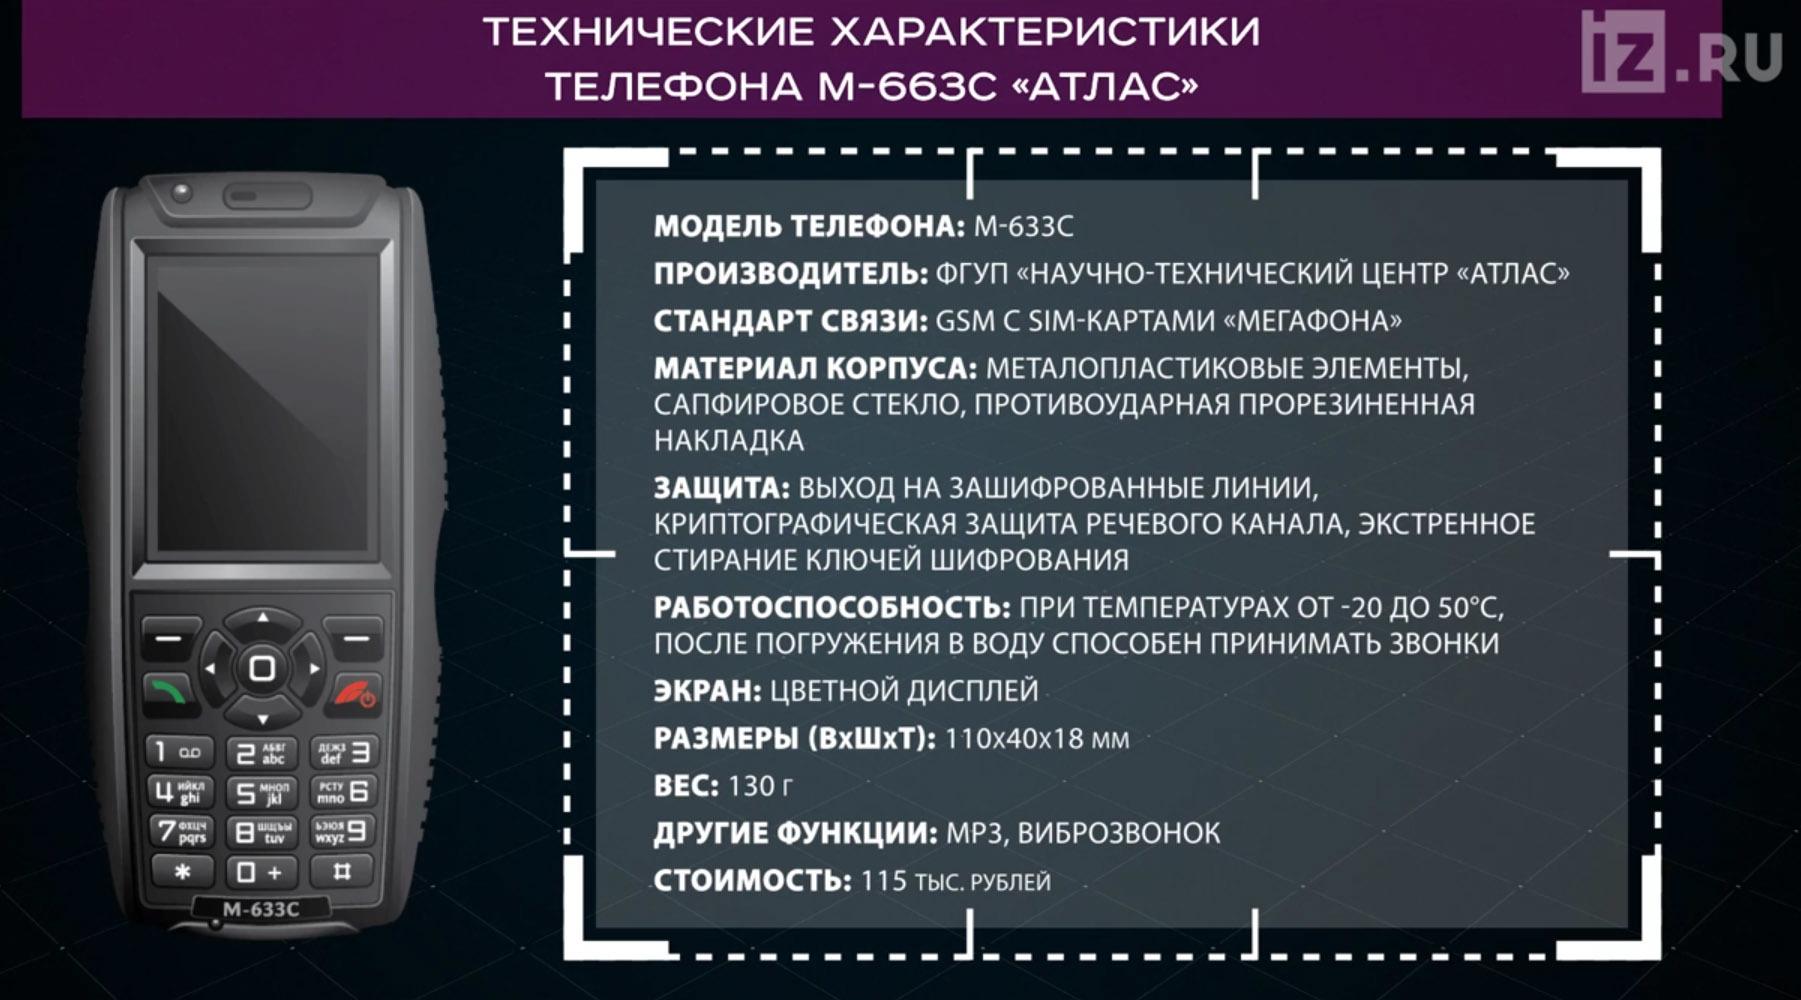 Кто говорит по «секретному телефону Минобороны» (Иллюстрация 1 из 1) (Фото: скриншот видео с сайта youtube.com)